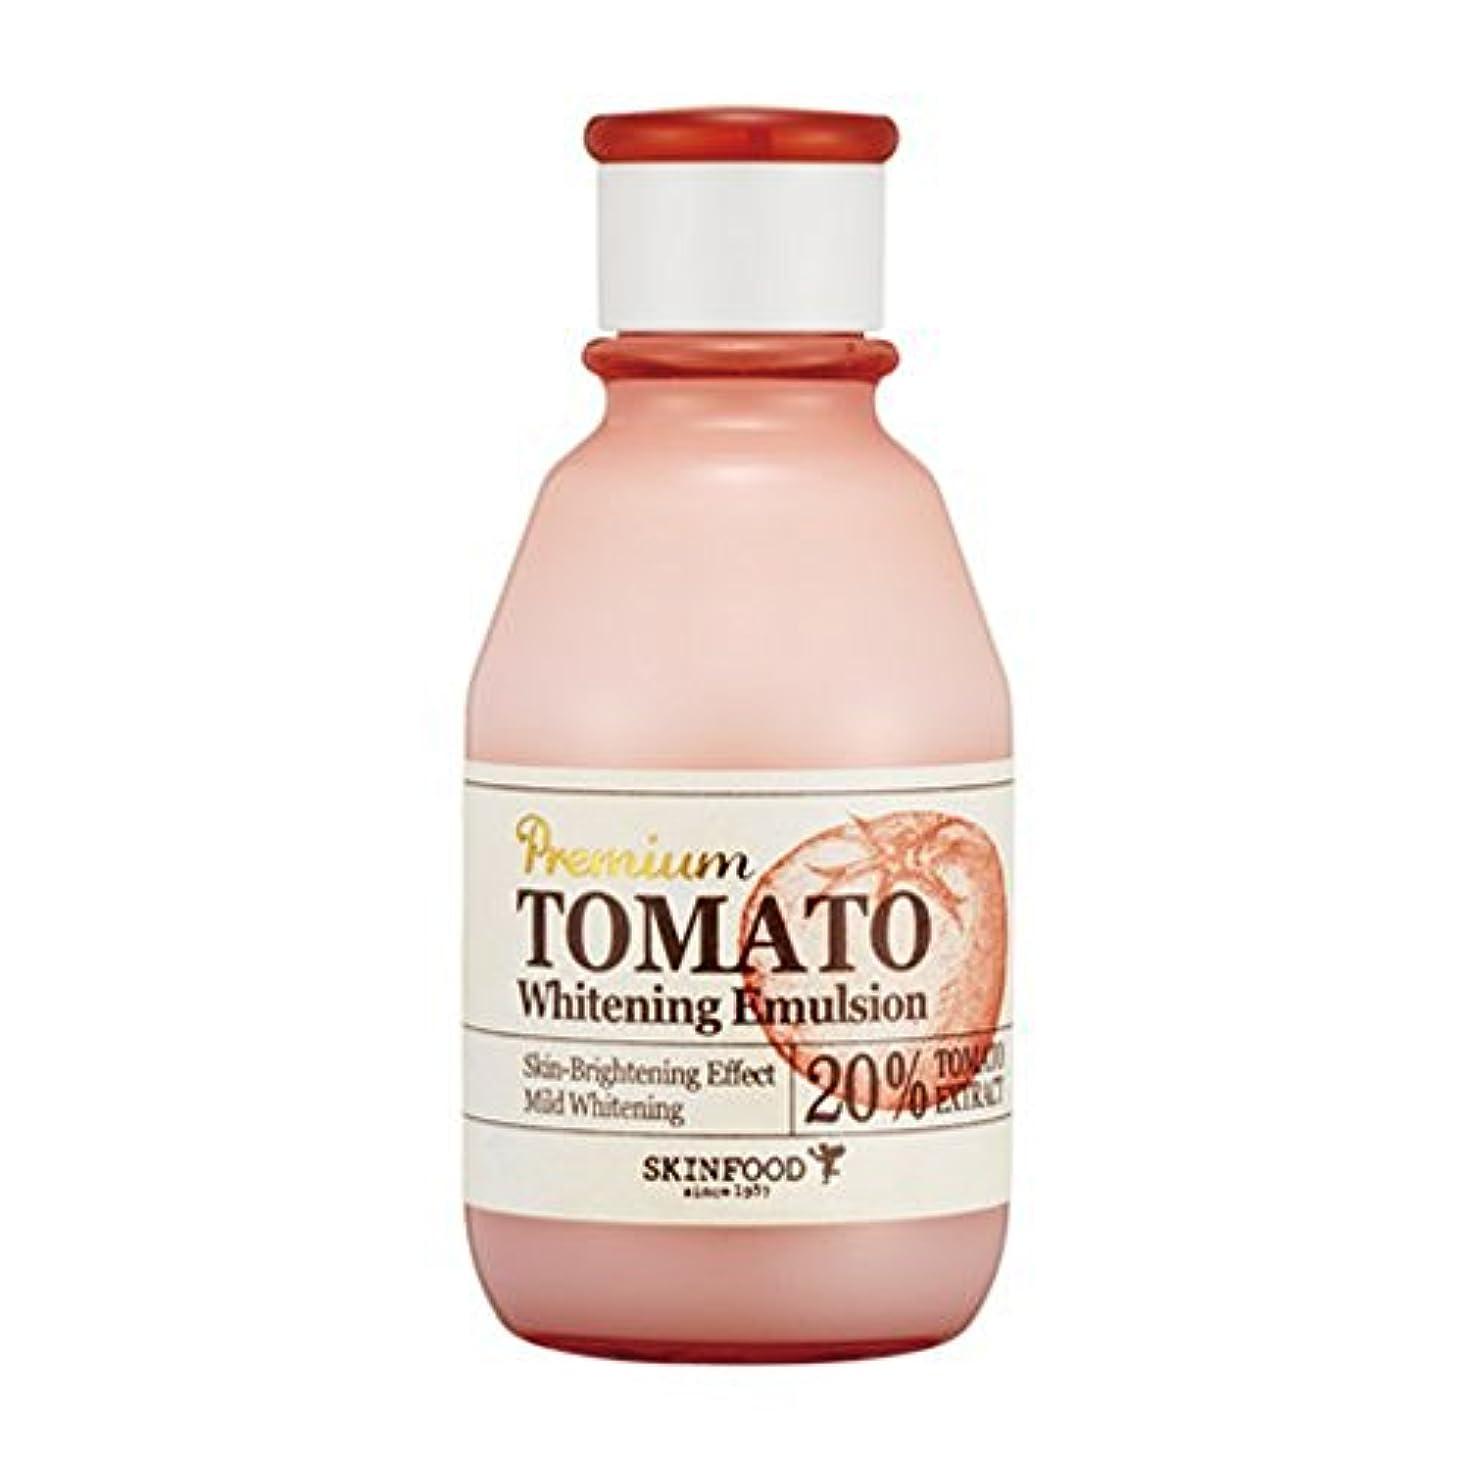 実証する衣類慈善SKINFOOD スキンフード トマト?ホワイトニング?乳液?エマルジョン 140ml (Premium Tomato Whitening Emulsion) 海外直送品